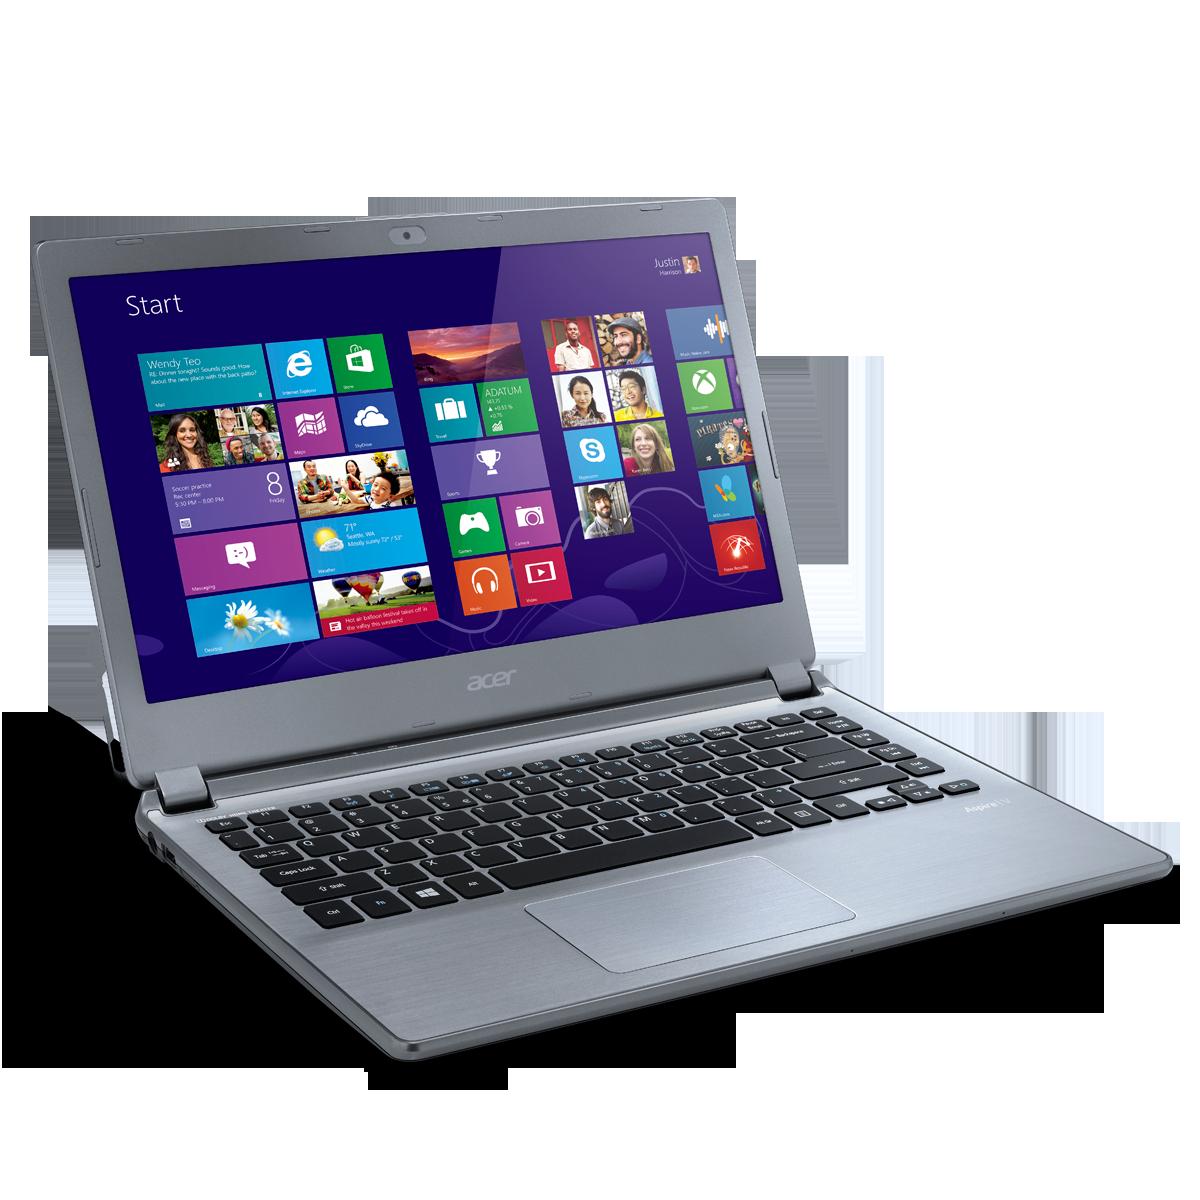 aspire v5 473g laptops tech specs reviews acer. Black Bedroom Furniture Sets. Home Design Ideas